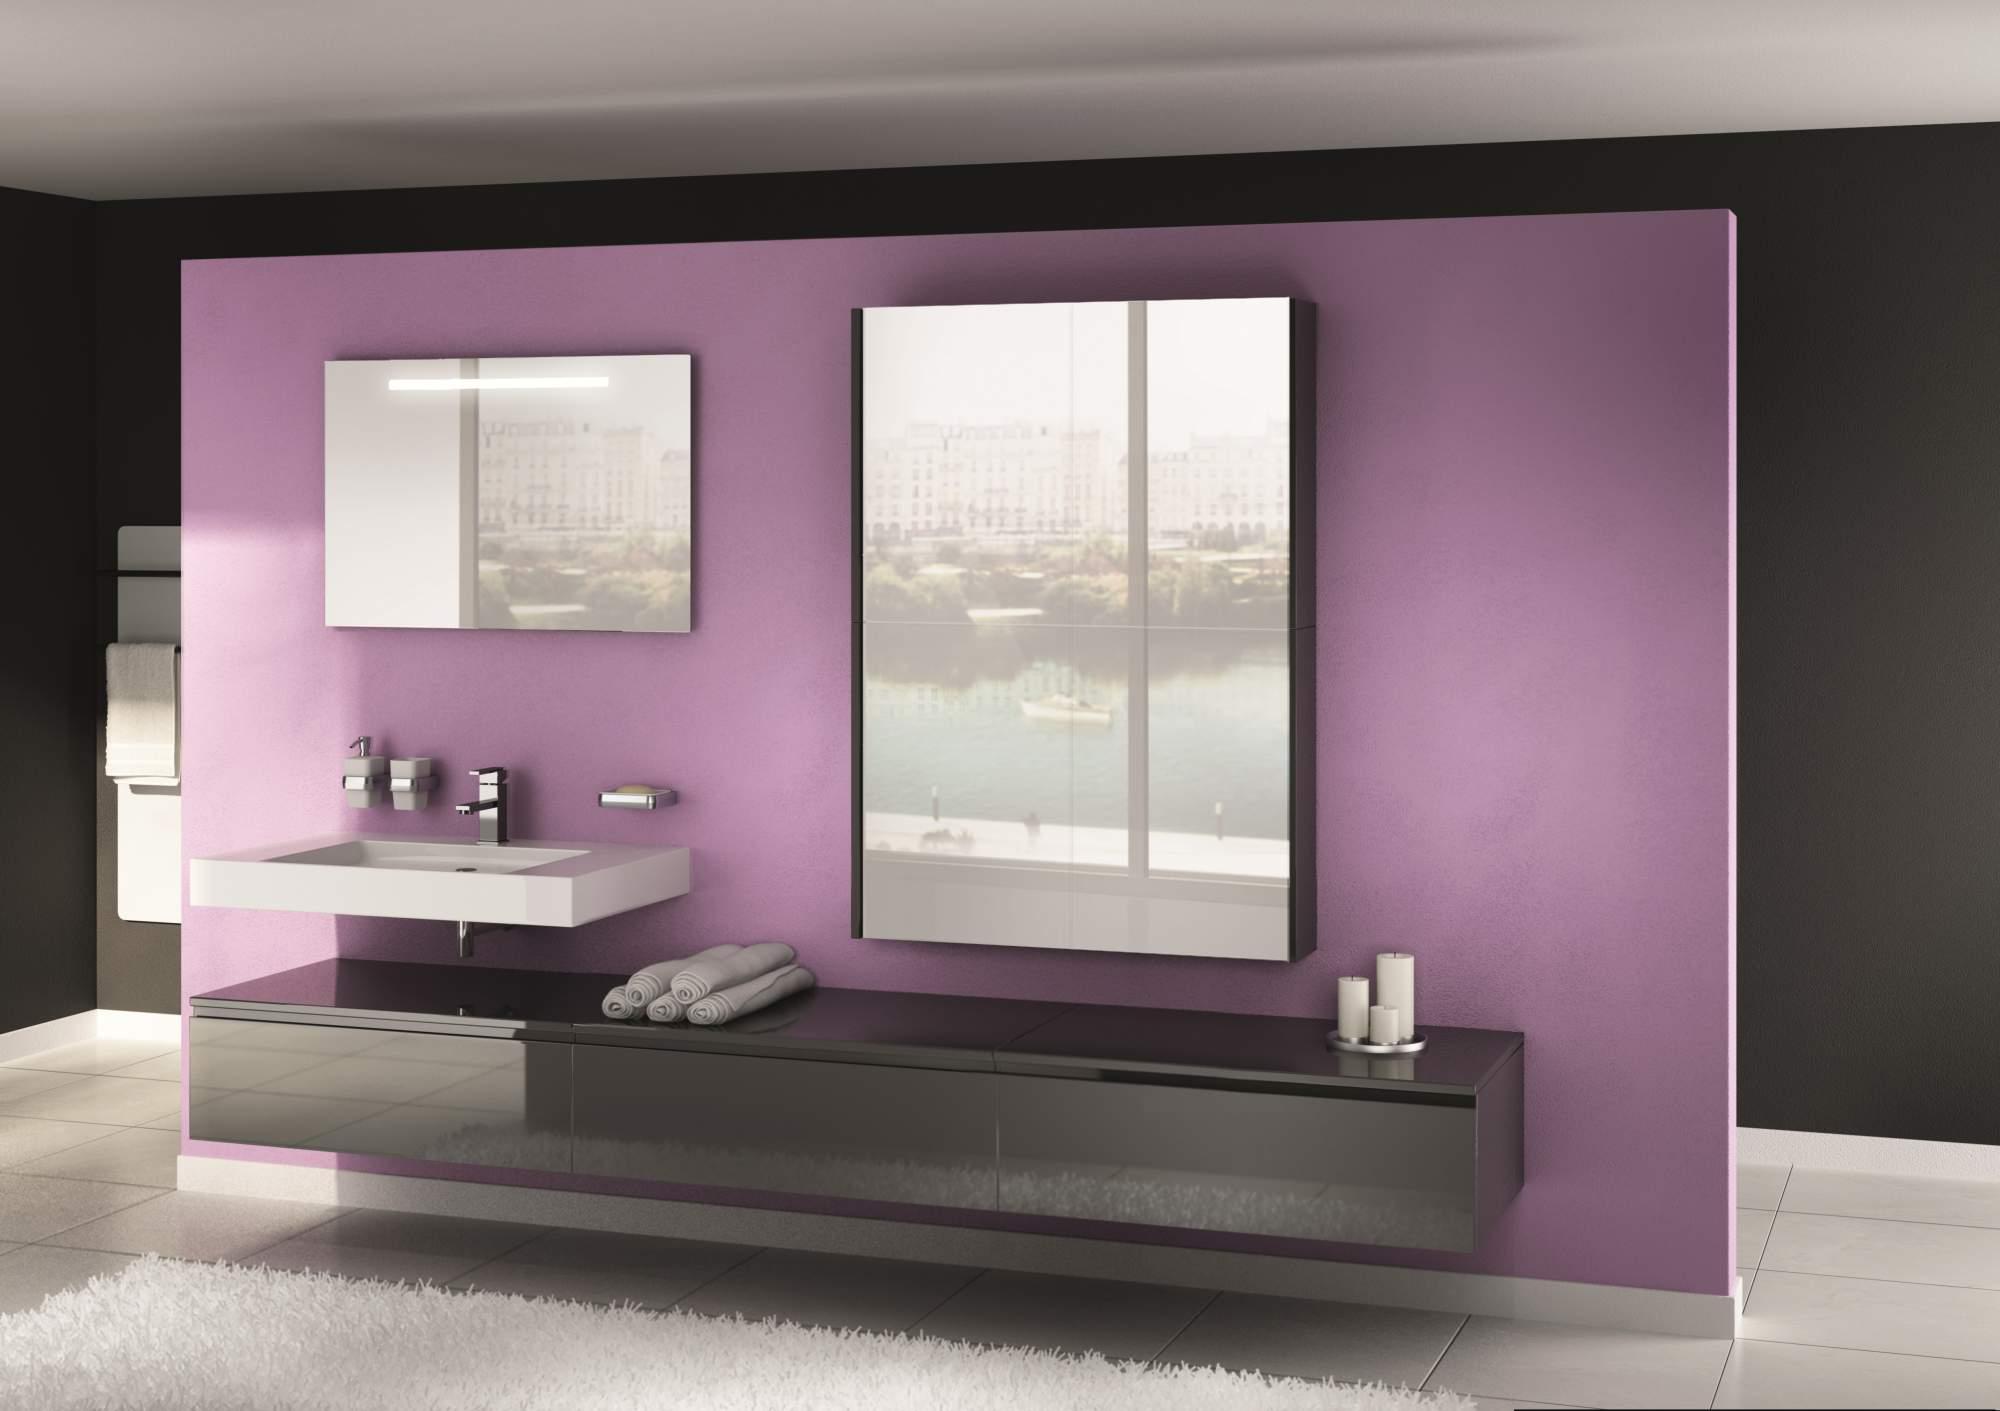 vente de meuble suspendu gris antracite bouches du rh ne. Black Bedroom Furniture Sets. Home Design Ideas